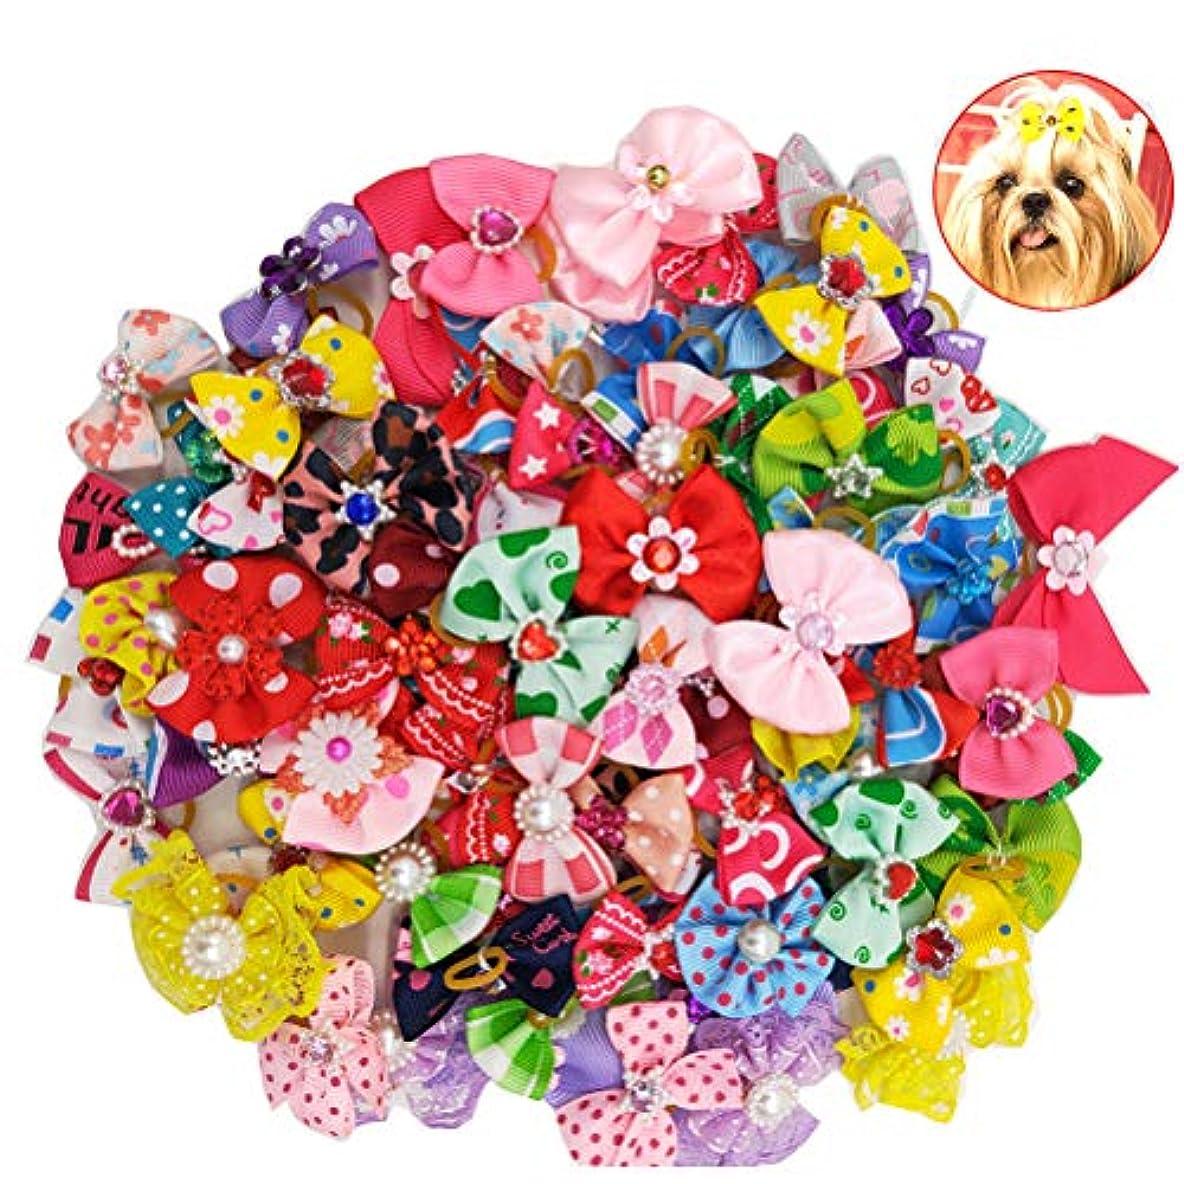 懲らしめそっと手伝うBalacoo 50個入り多色犬の髪の弓とゴムバンド弾性髪のバンドちょう結び帽子の帽子猫の犬のための(混合色)